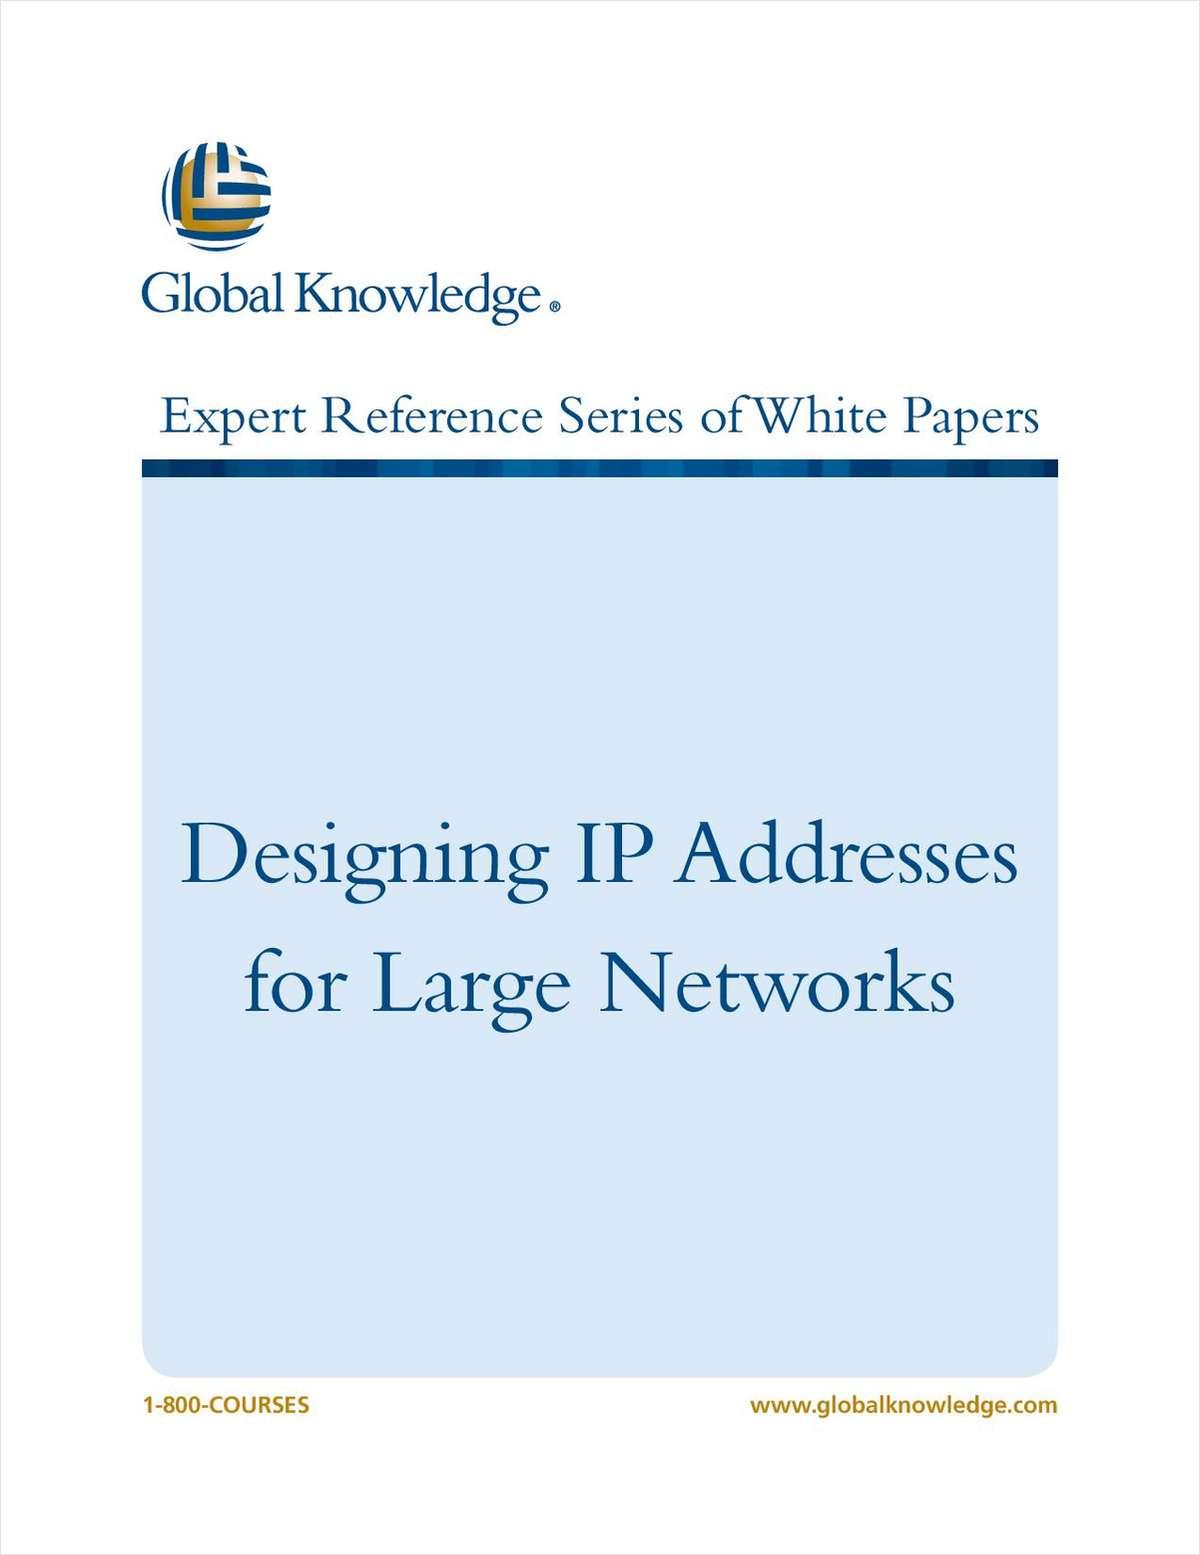 Designing IP Addresses for Large Networks